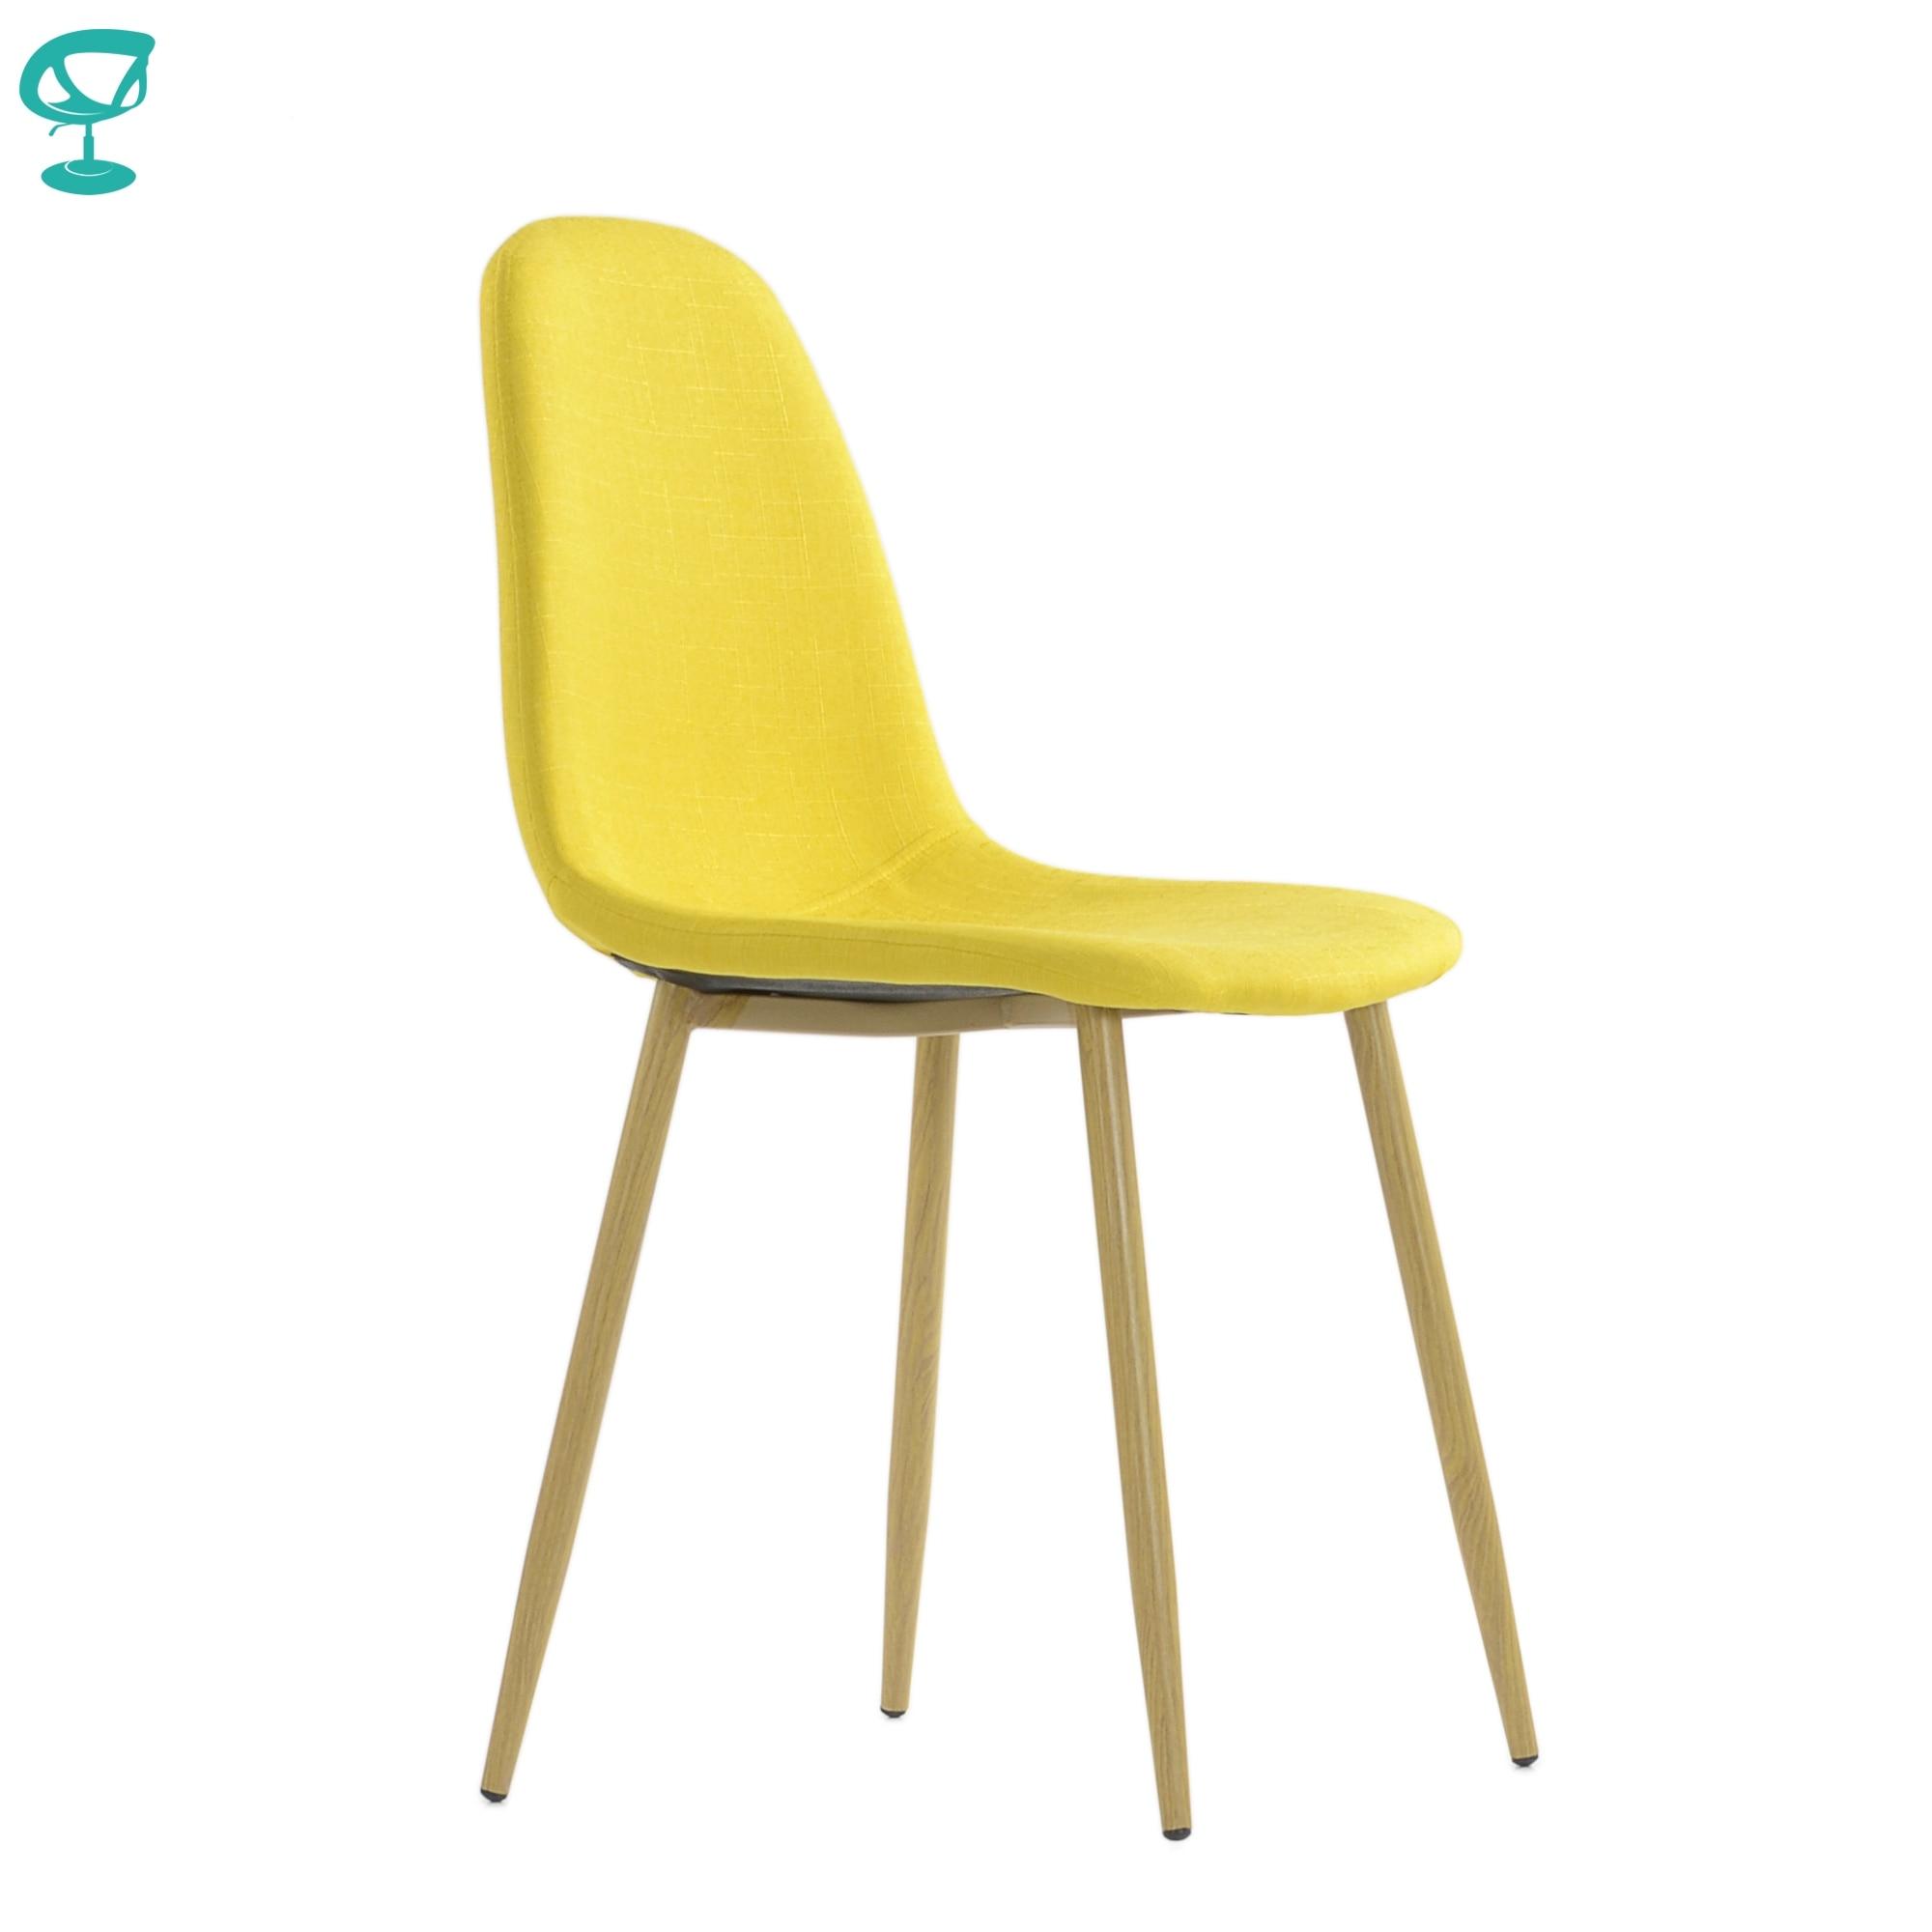 95745 barneo S-15 pernas cadeira de cozinha cadeira de metal assento de tecido cadeira para sala de estar cadeira de jantar cadeira de mesa móveis para cozinha